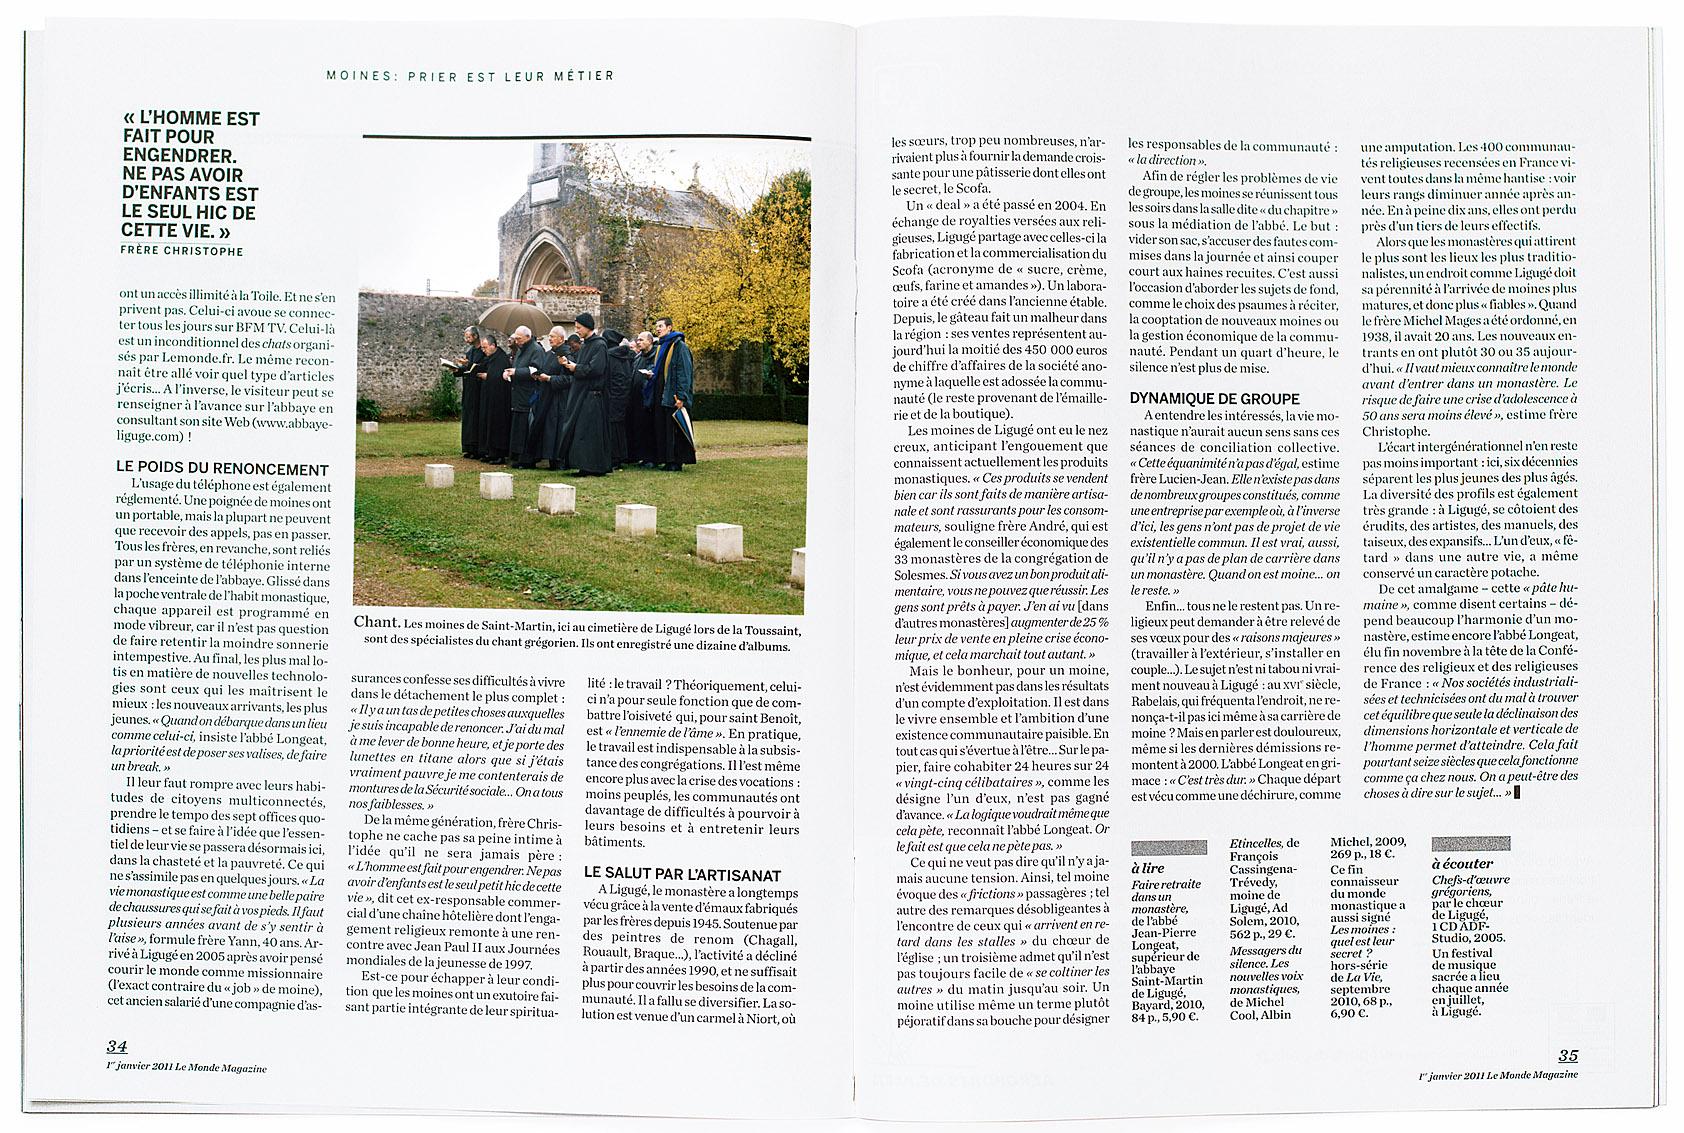 Le Monde Magazine du 1 janvier 2011.